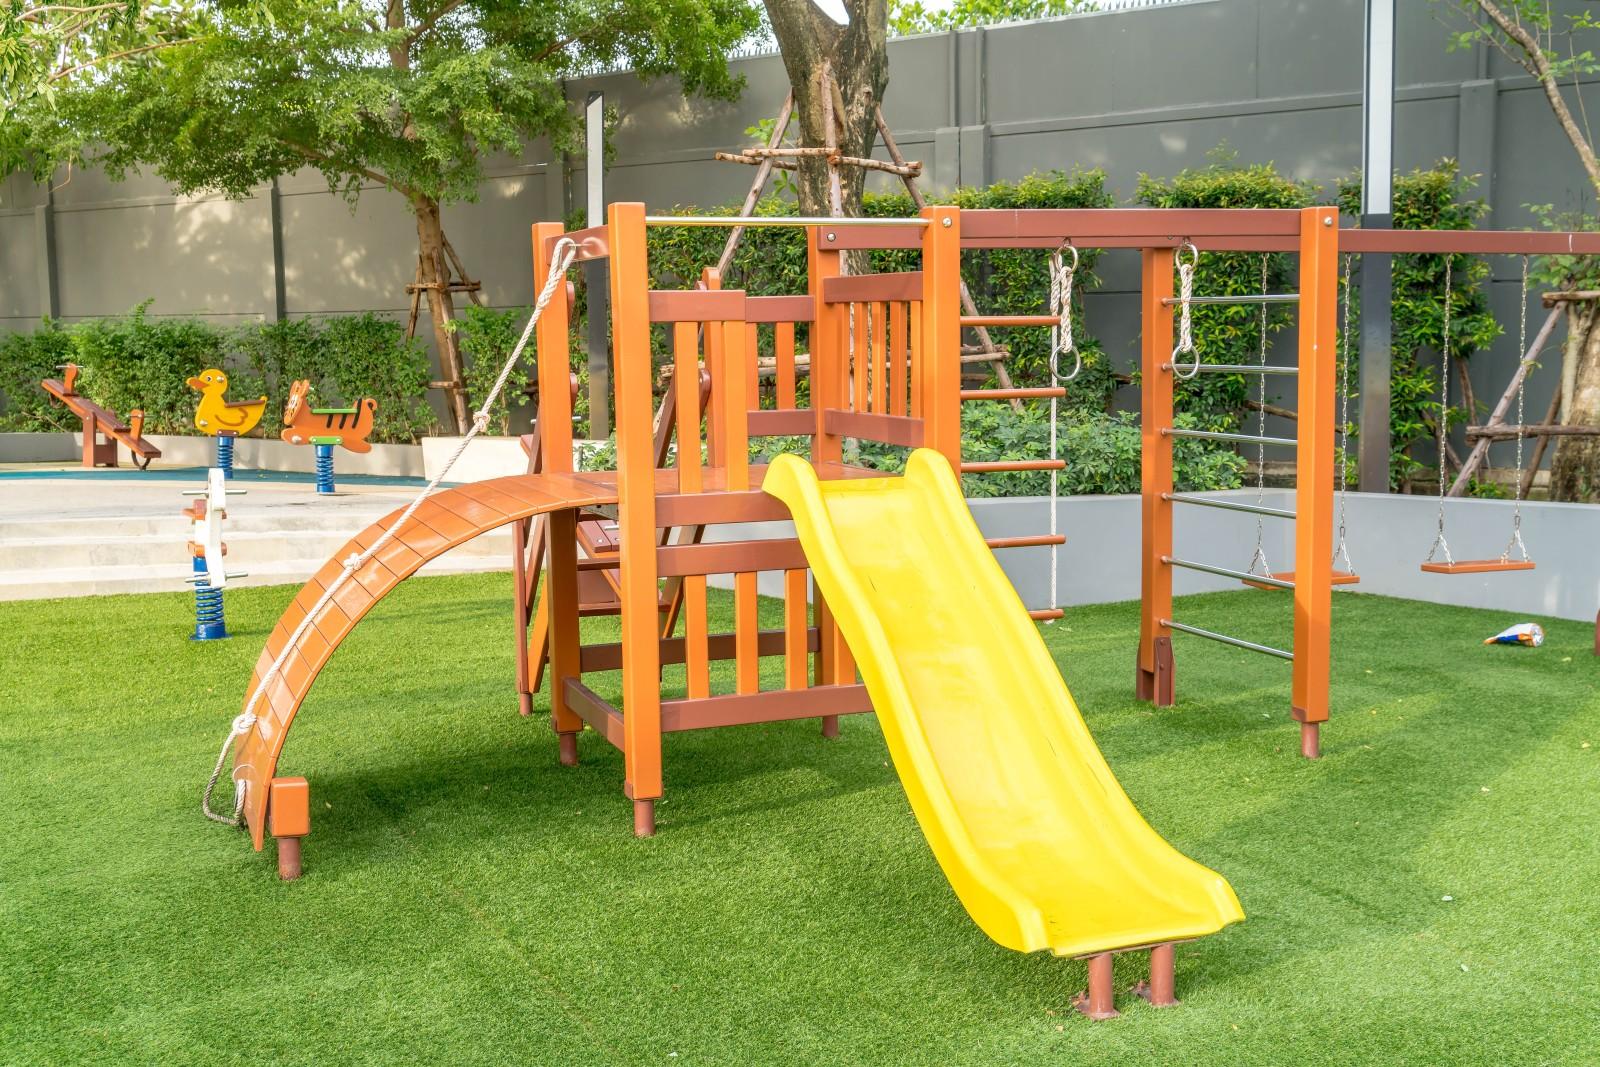 Egy kültéri játszótér esetében a műfű gondozásmentes és esztétikus burkolatot biztosít.